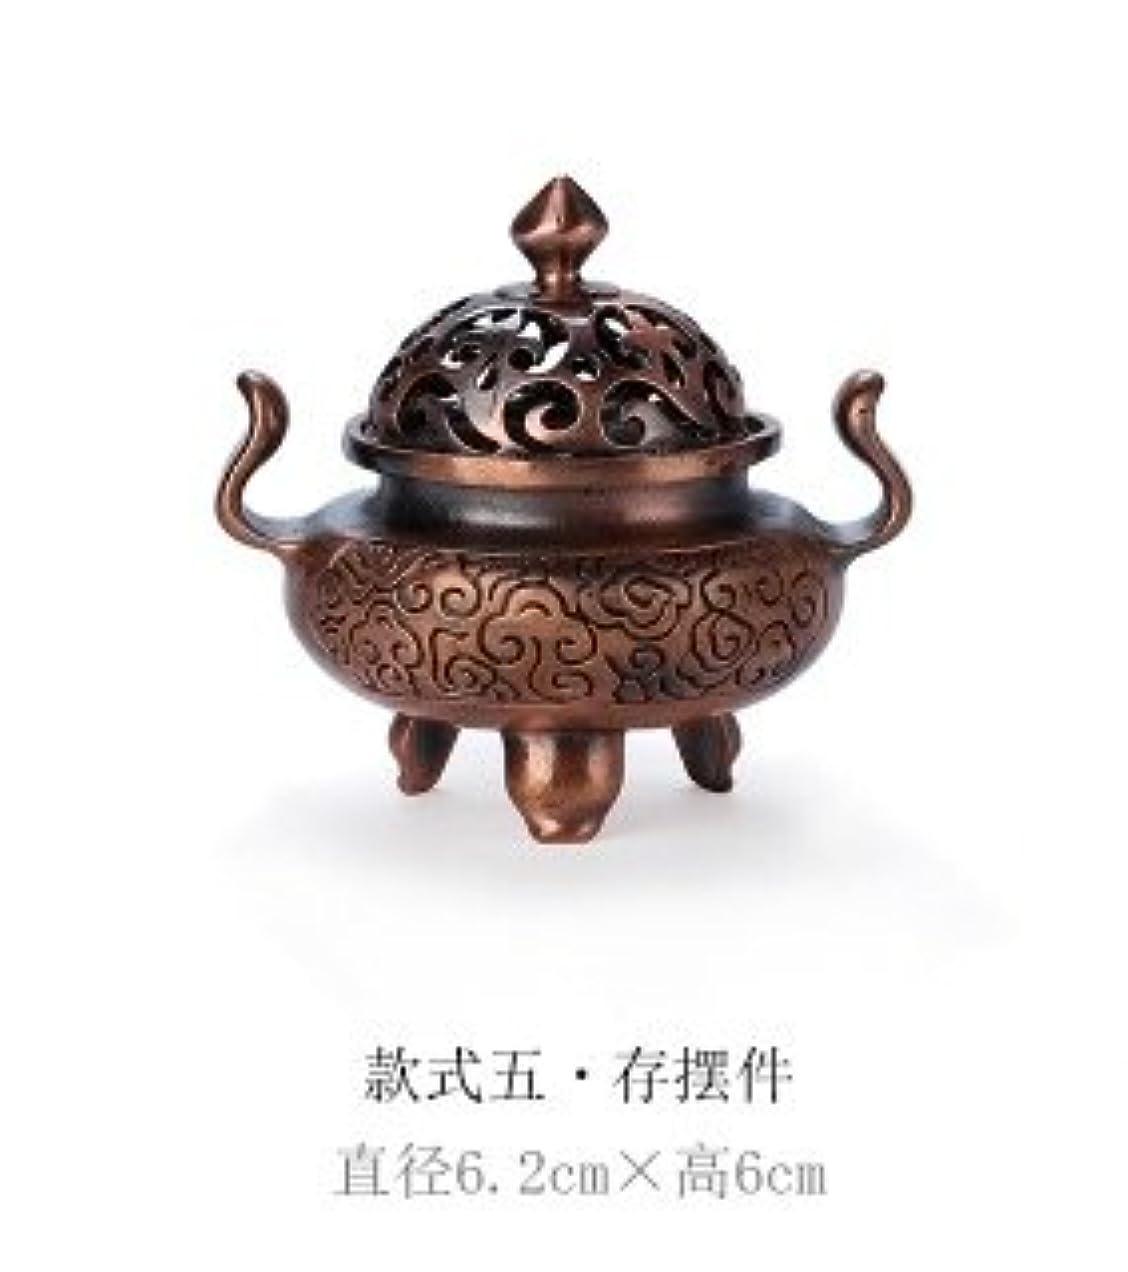 静める汗完璧な金属镂空檀香香炉 功夫茶具 アクセサリー茶装飾 线香香炉 (銅色)